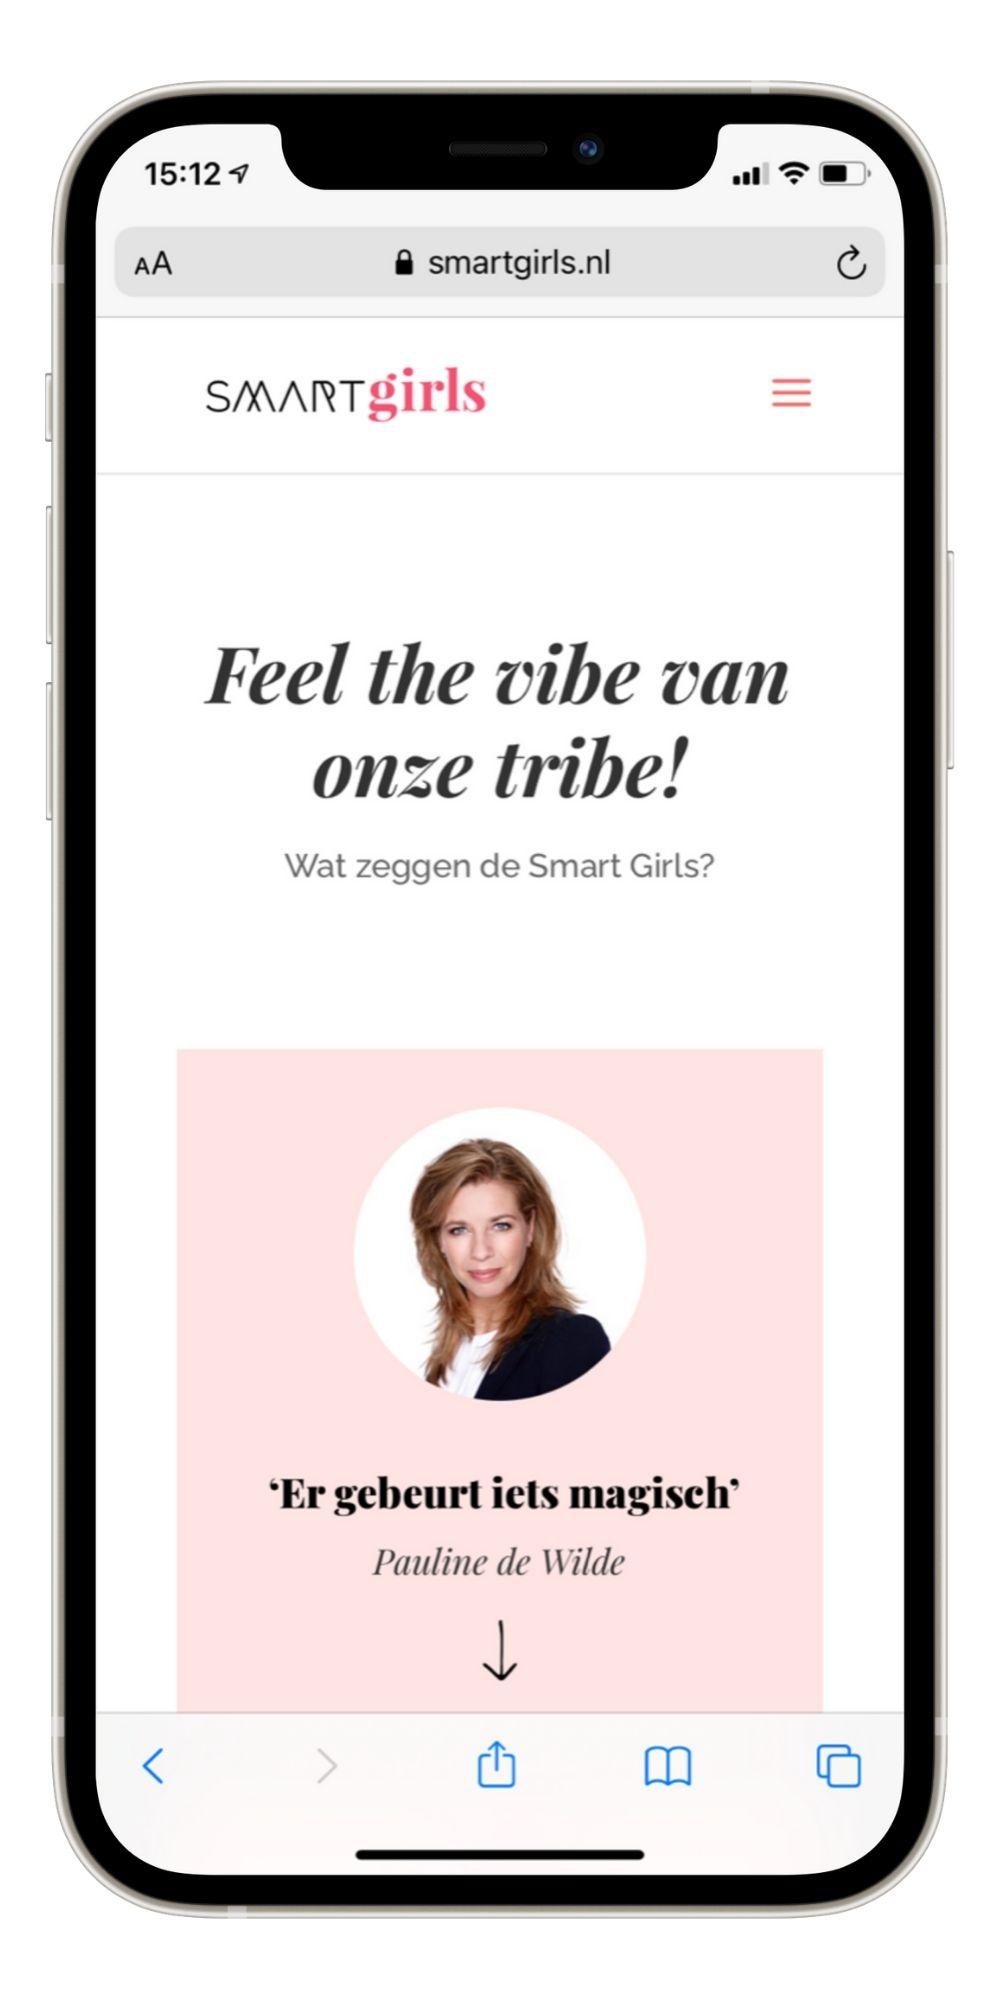 Paula Terpstra Websitecoaching Smart Girls Testimonial Mobile 3